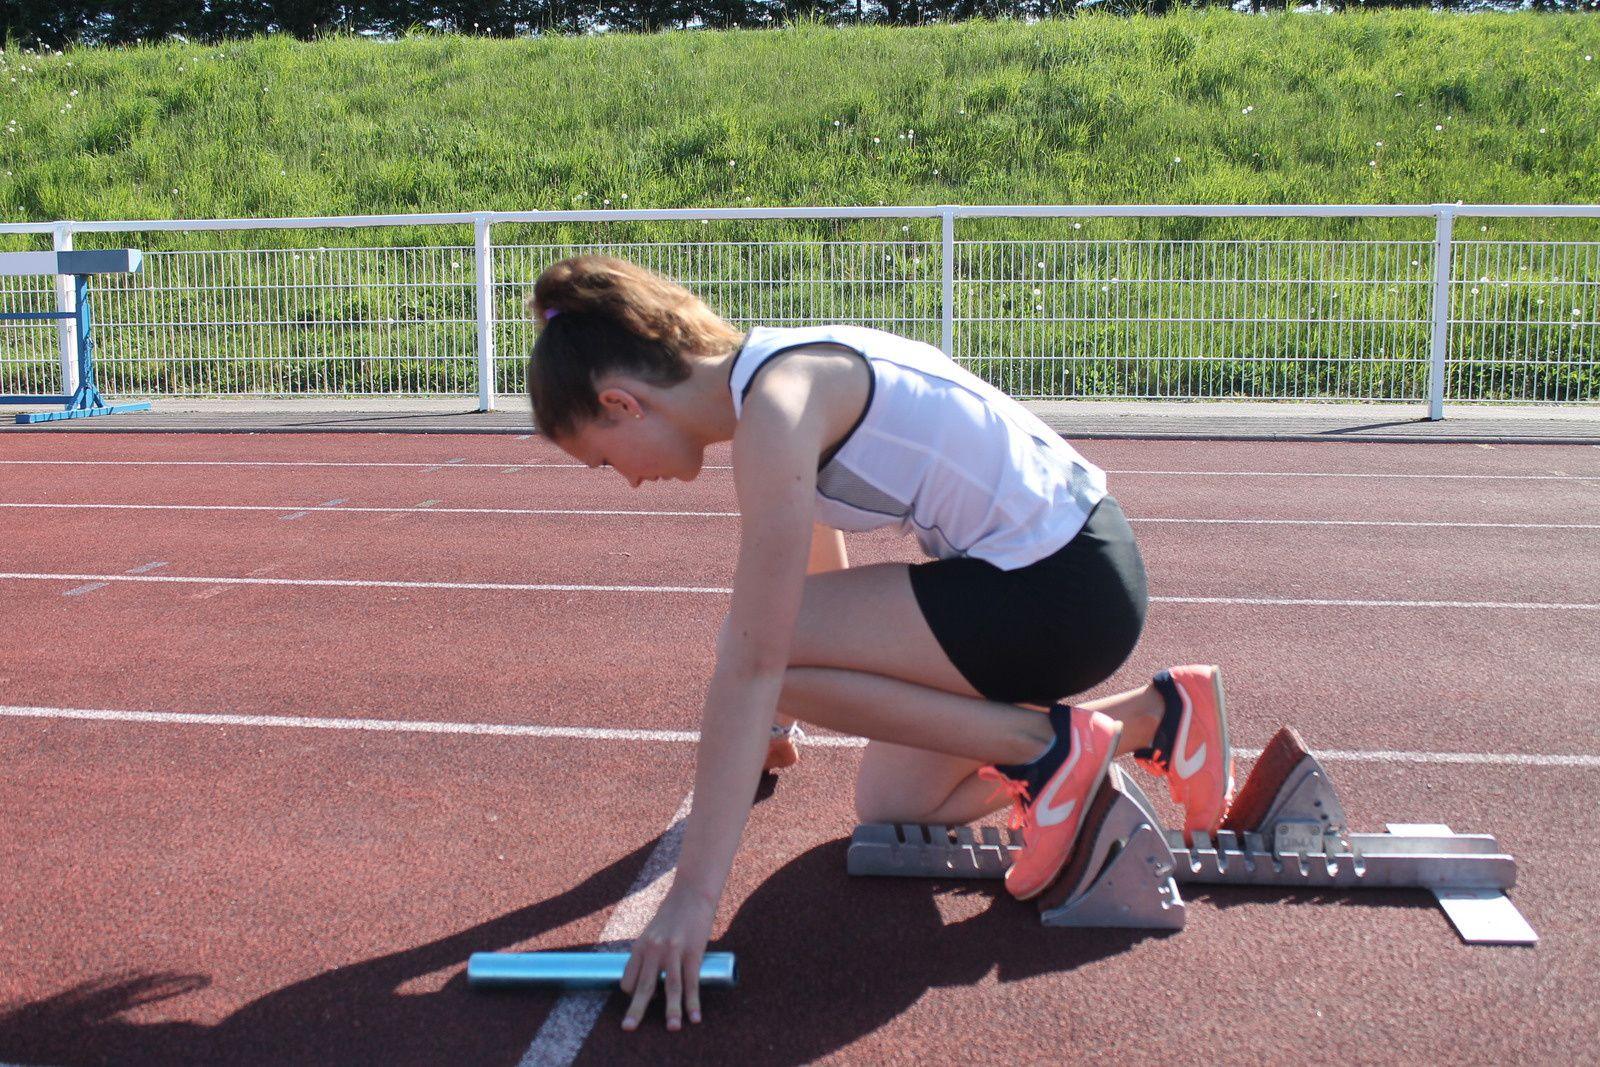 Les athlètes issois sont dans les starts pour ce premier test estival sur la piste.